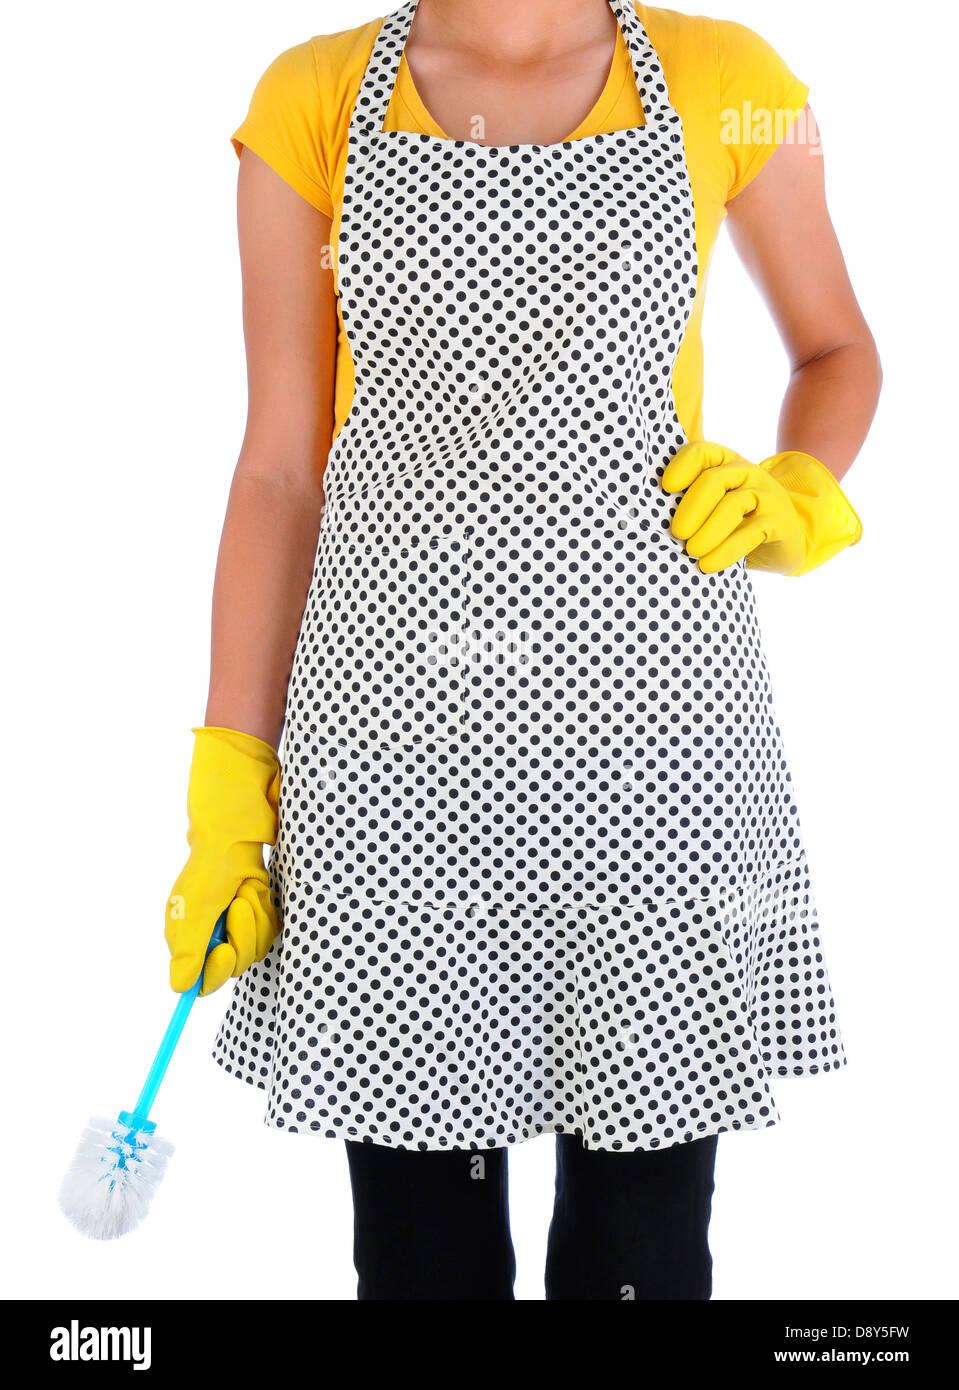 Nahaufnahme einer Frau in Schürze Polka Dot hält eine Toilette Schrubber. Frau hat auf gelbe Gummihandschuhe Stockbild